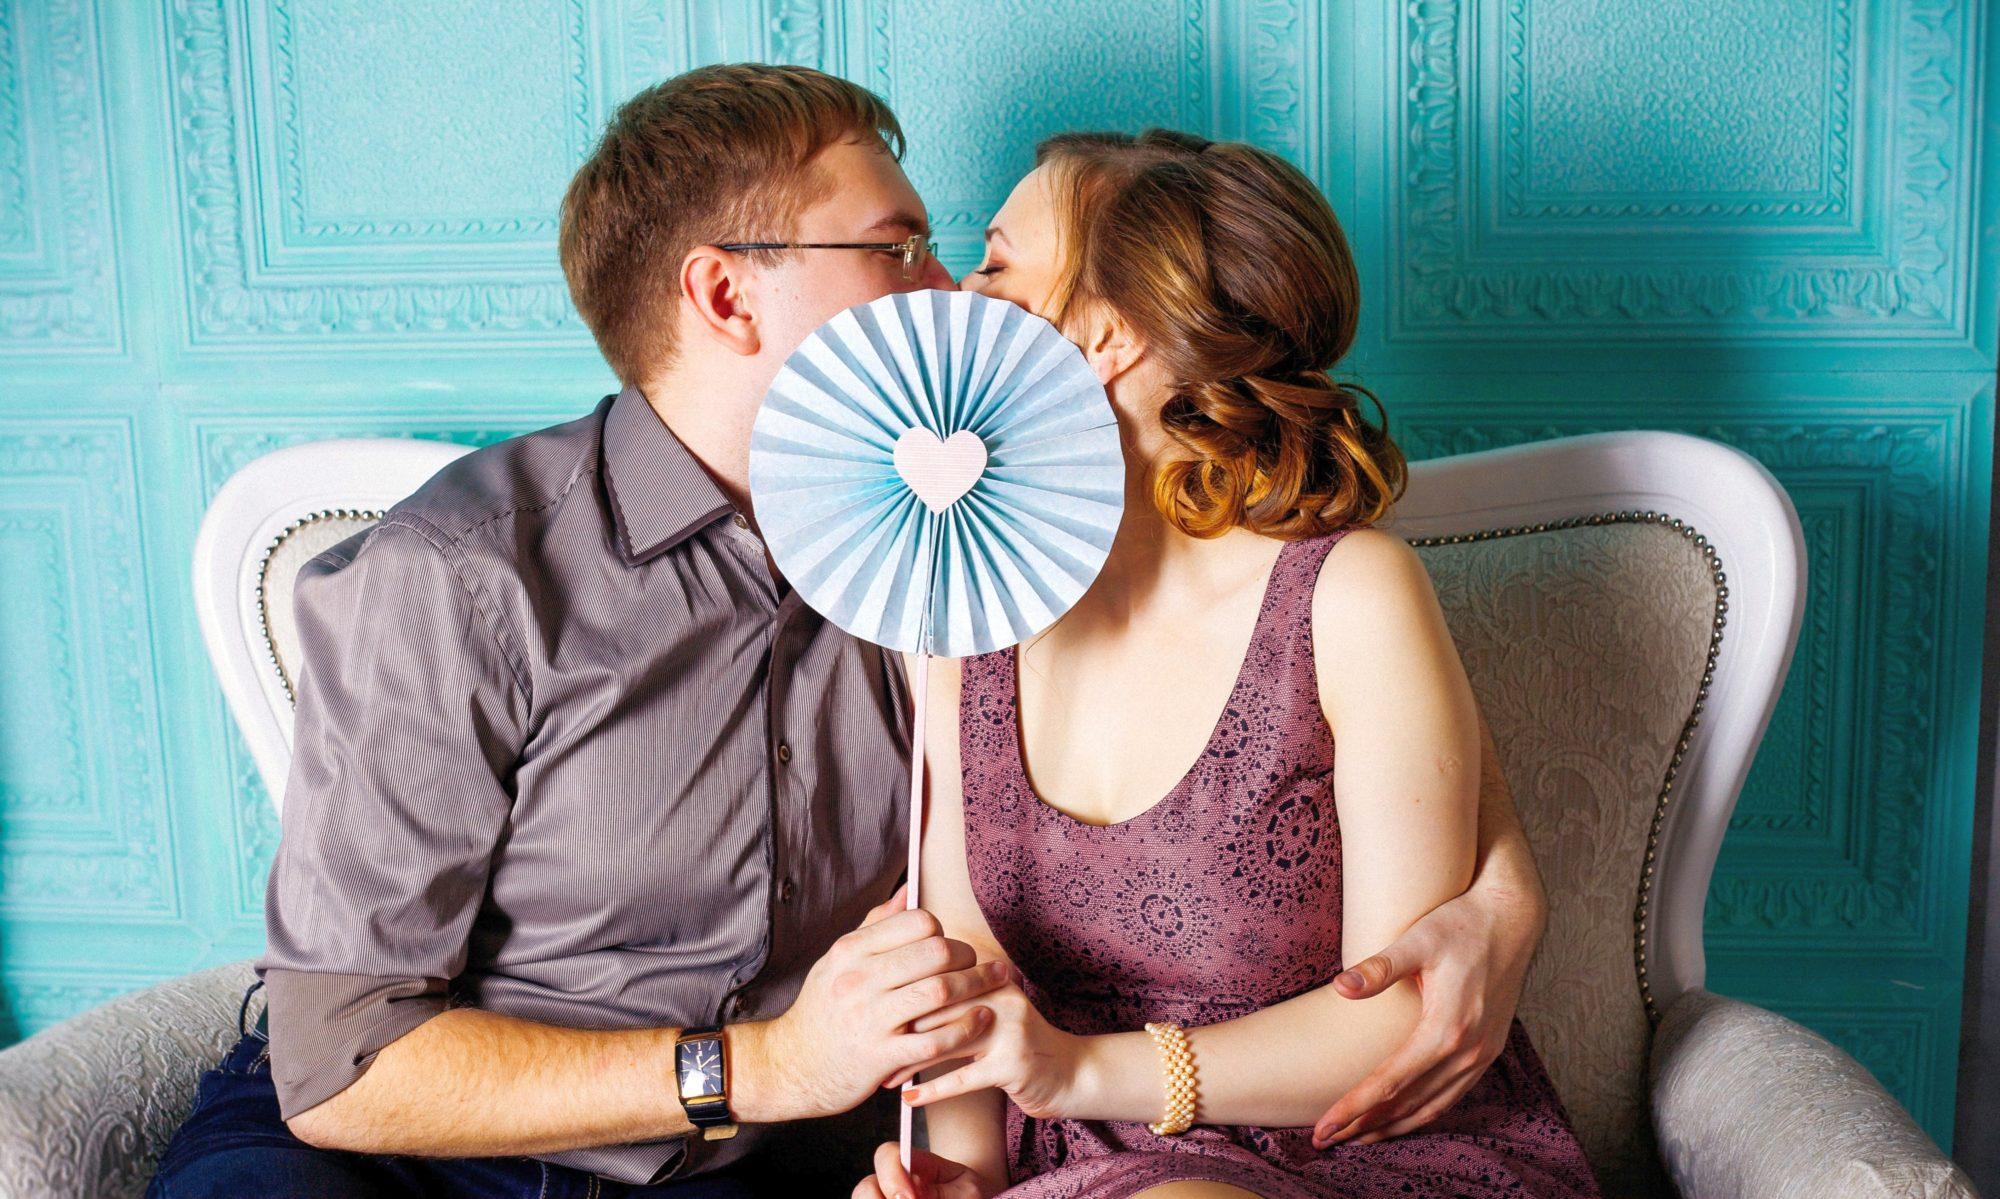 Flirtbörse - Onlineflirten um Liebe, Sex und Freundschaft zu finden